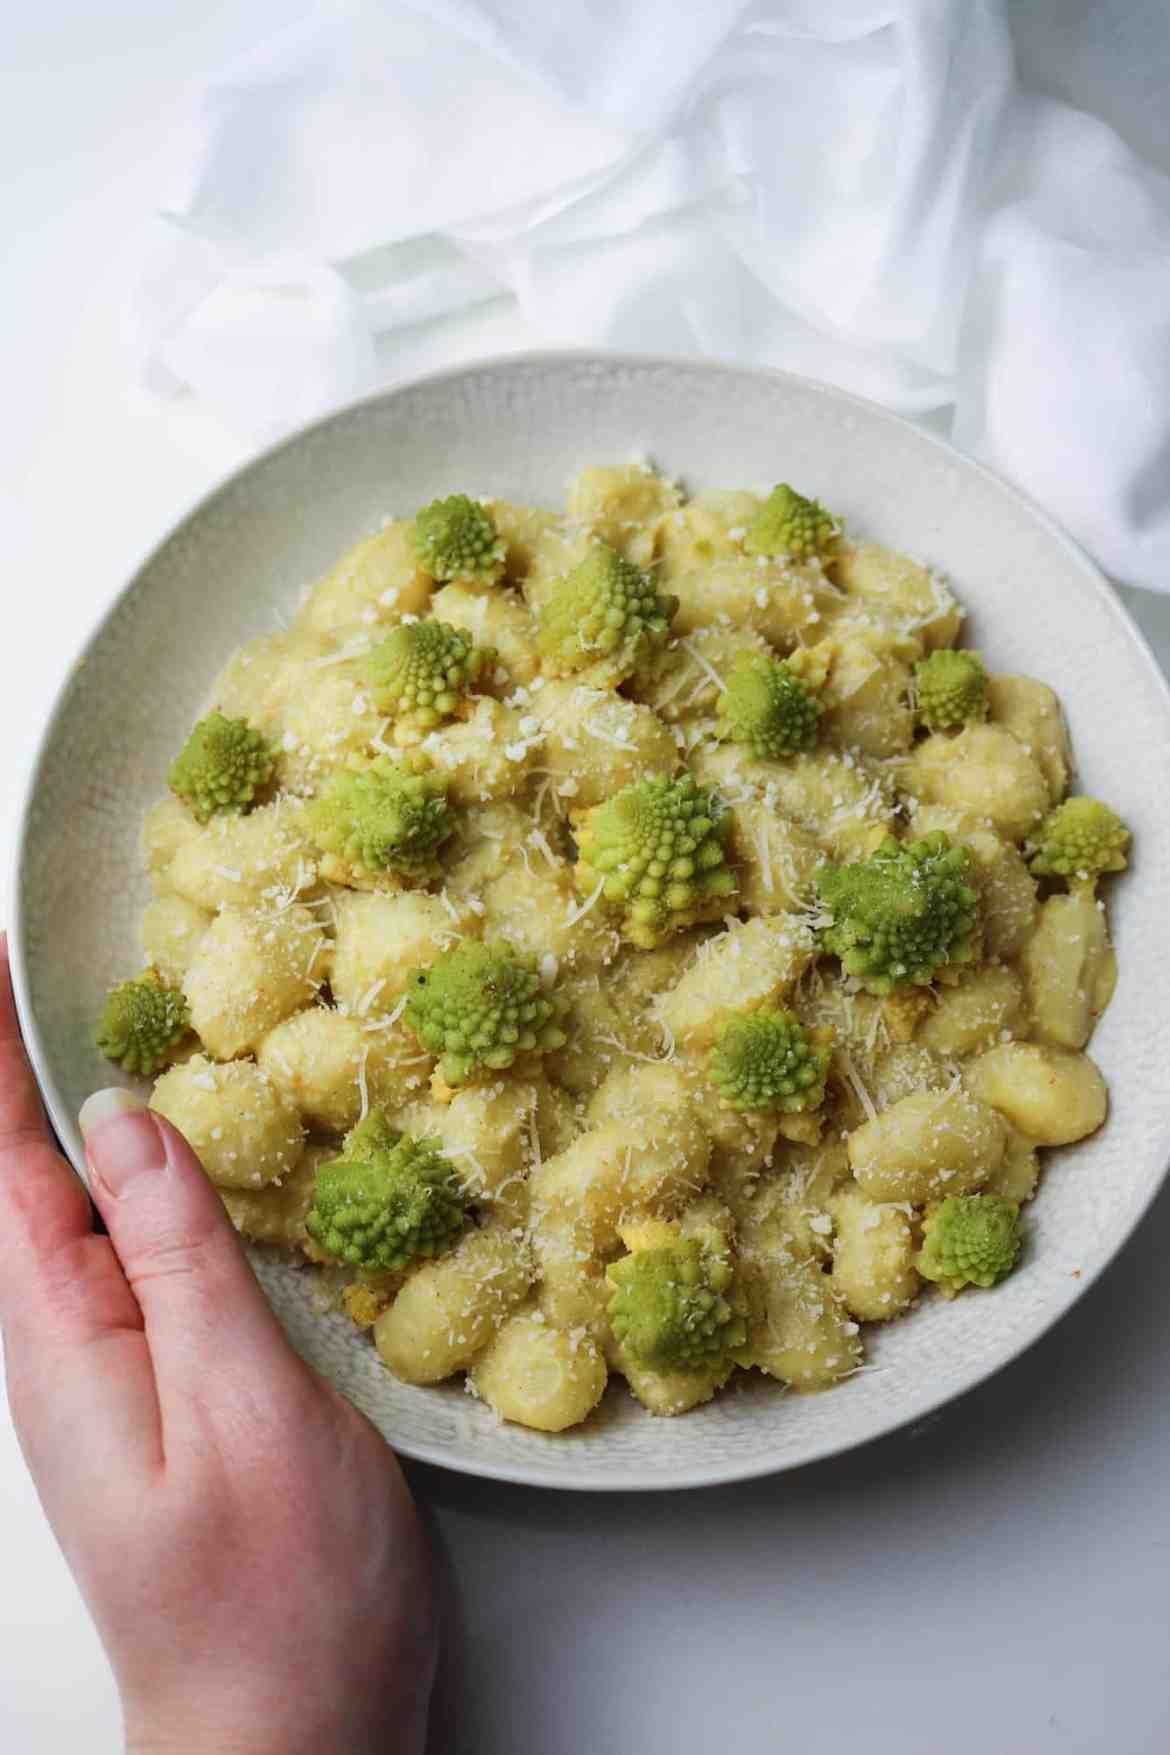 creamy romanesco broccoli gnocchi served